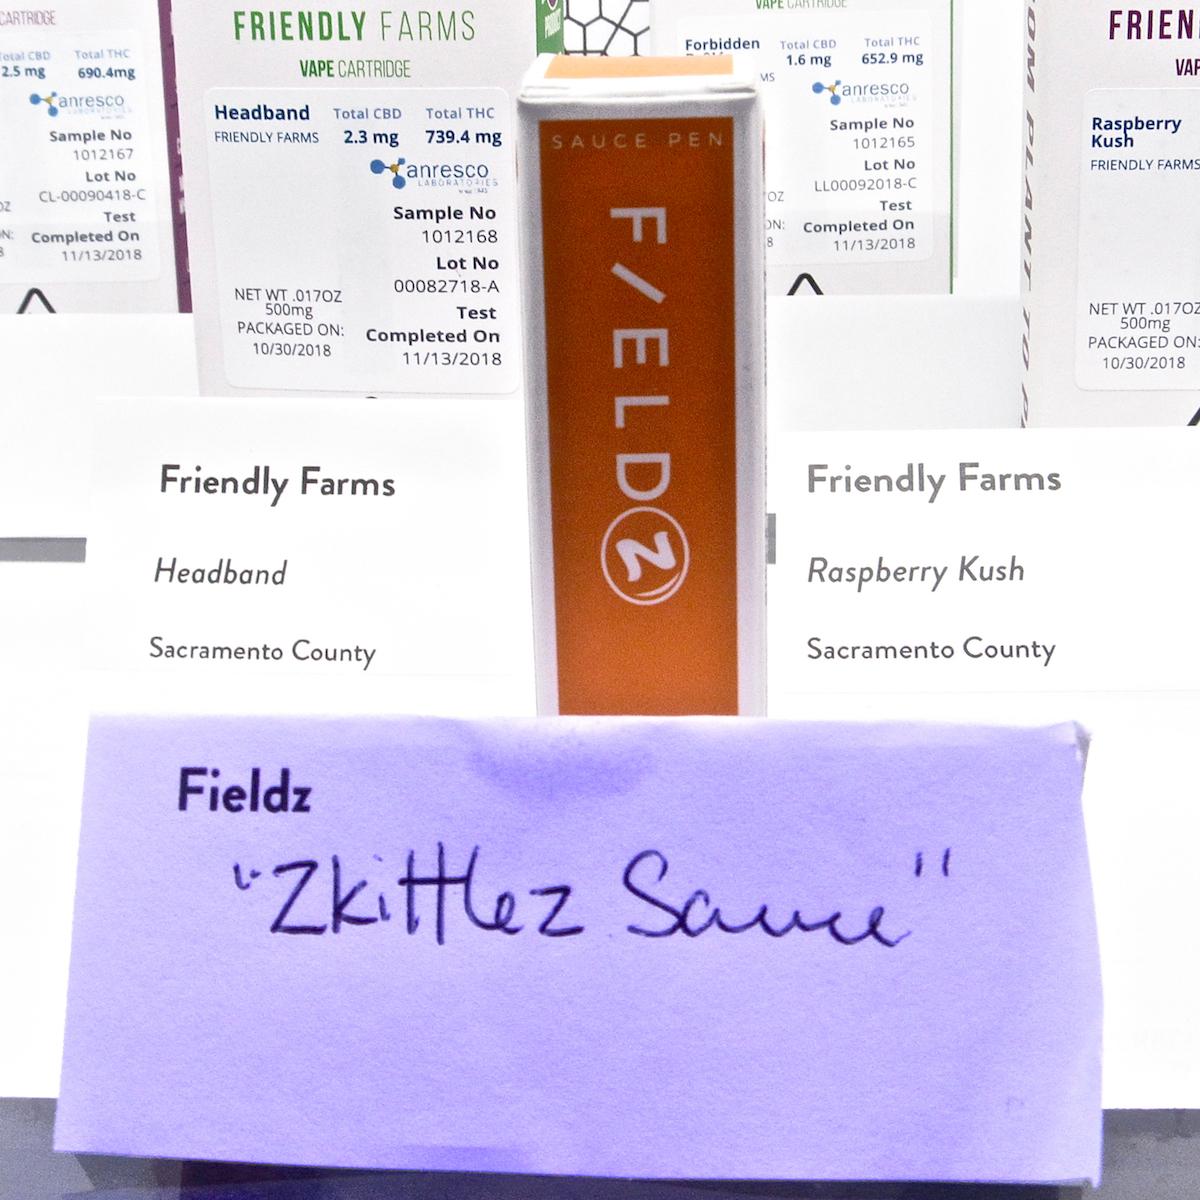 Fields extracts plus Zkittlez strain yields Fieldz. (David Downs/Leafly)